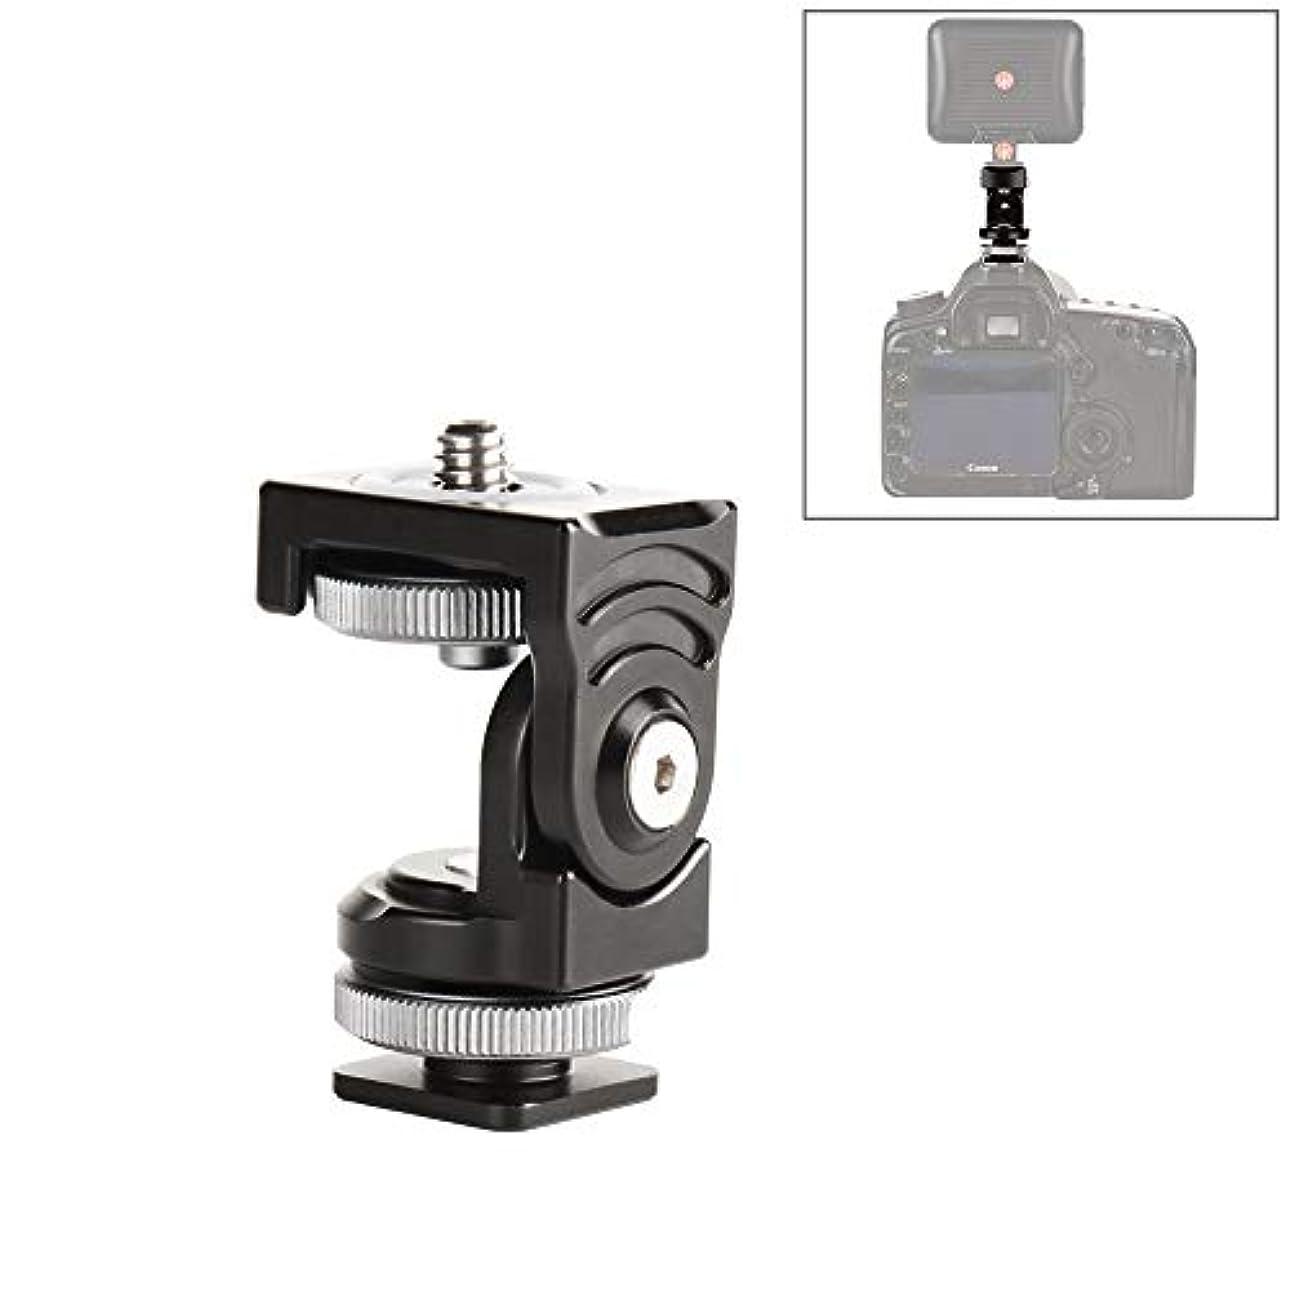 コンプライアンス熱心お互いカメラアクセサリー パノラマダンピング2次元ホットシューヘッド多機能ブラケット